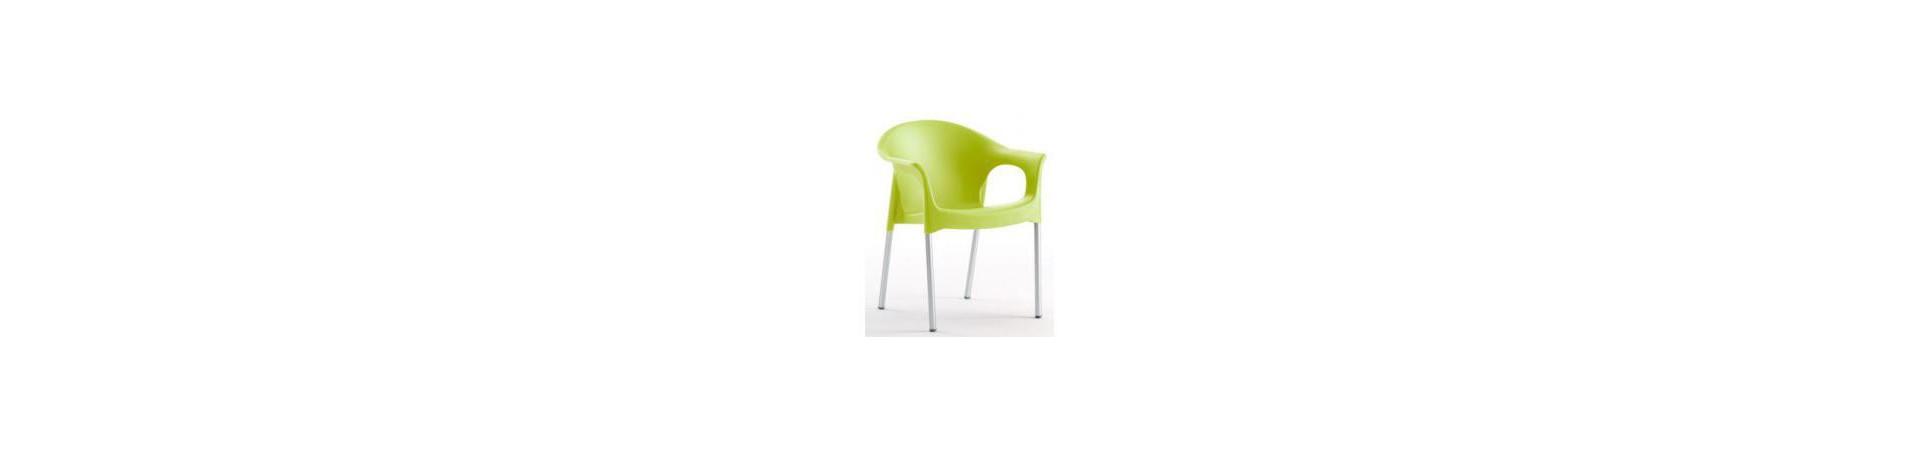 Sillas y sillones online con garantía y envío rápido